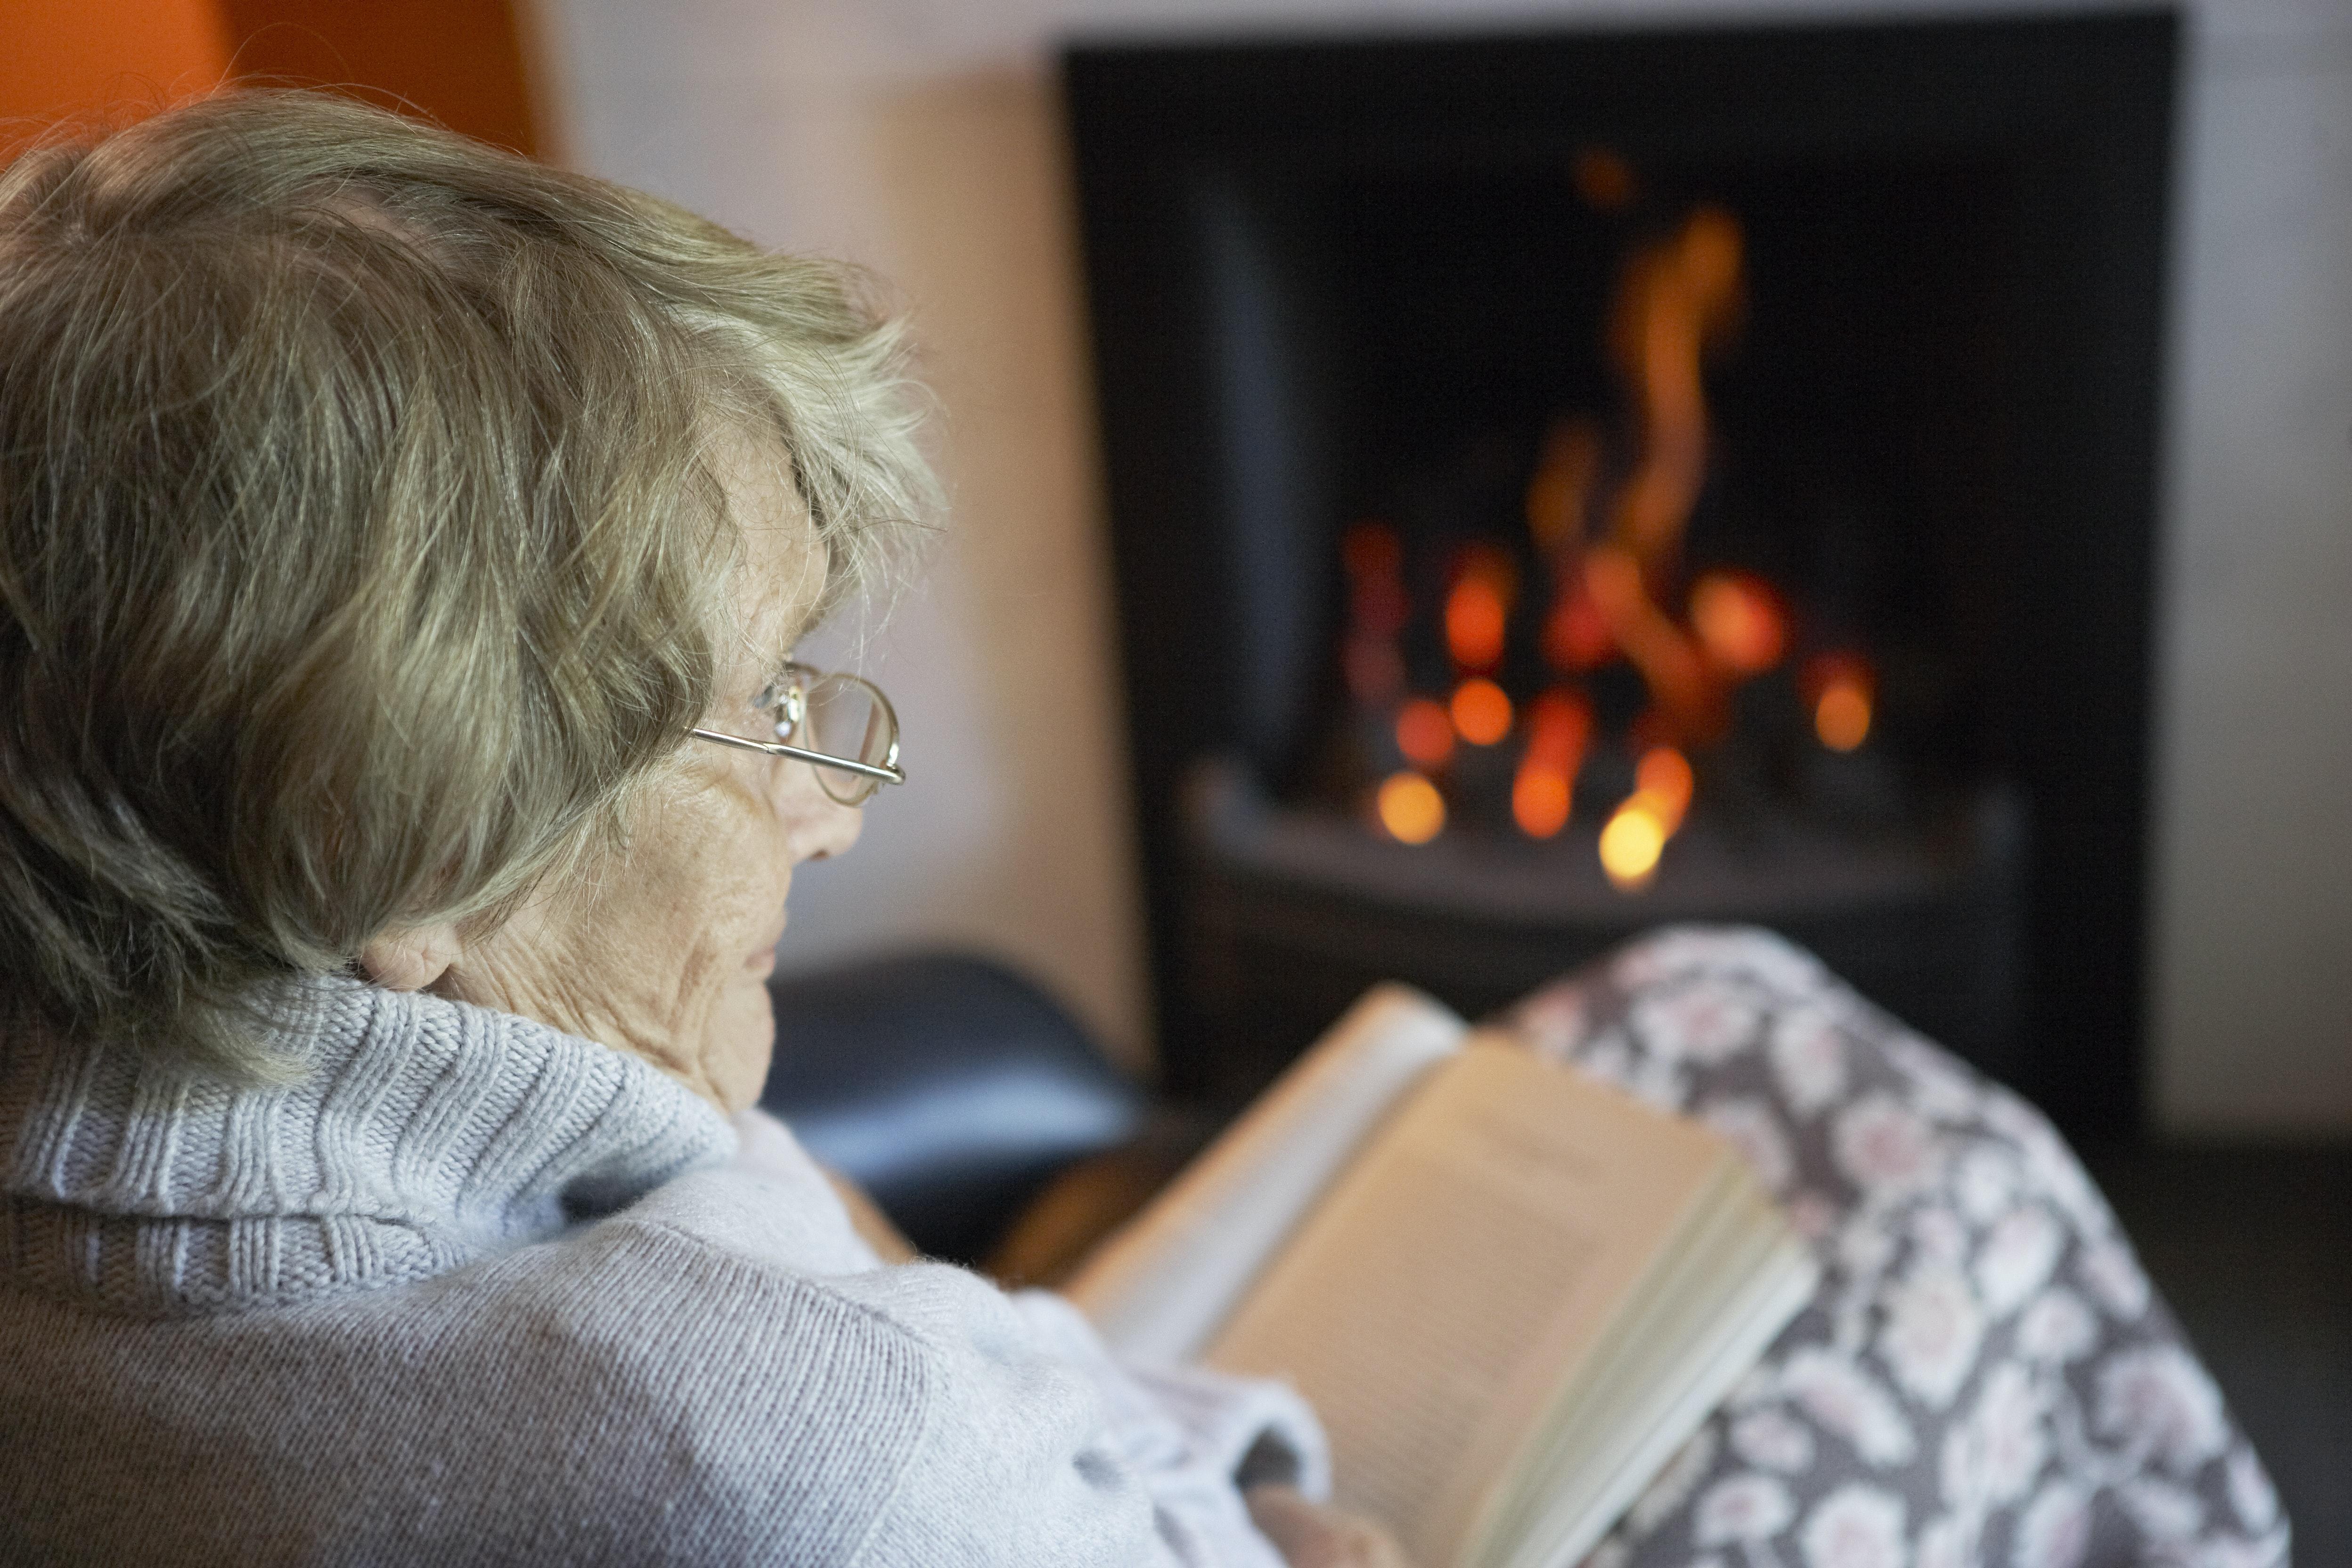 Elderly woman warm by the fire